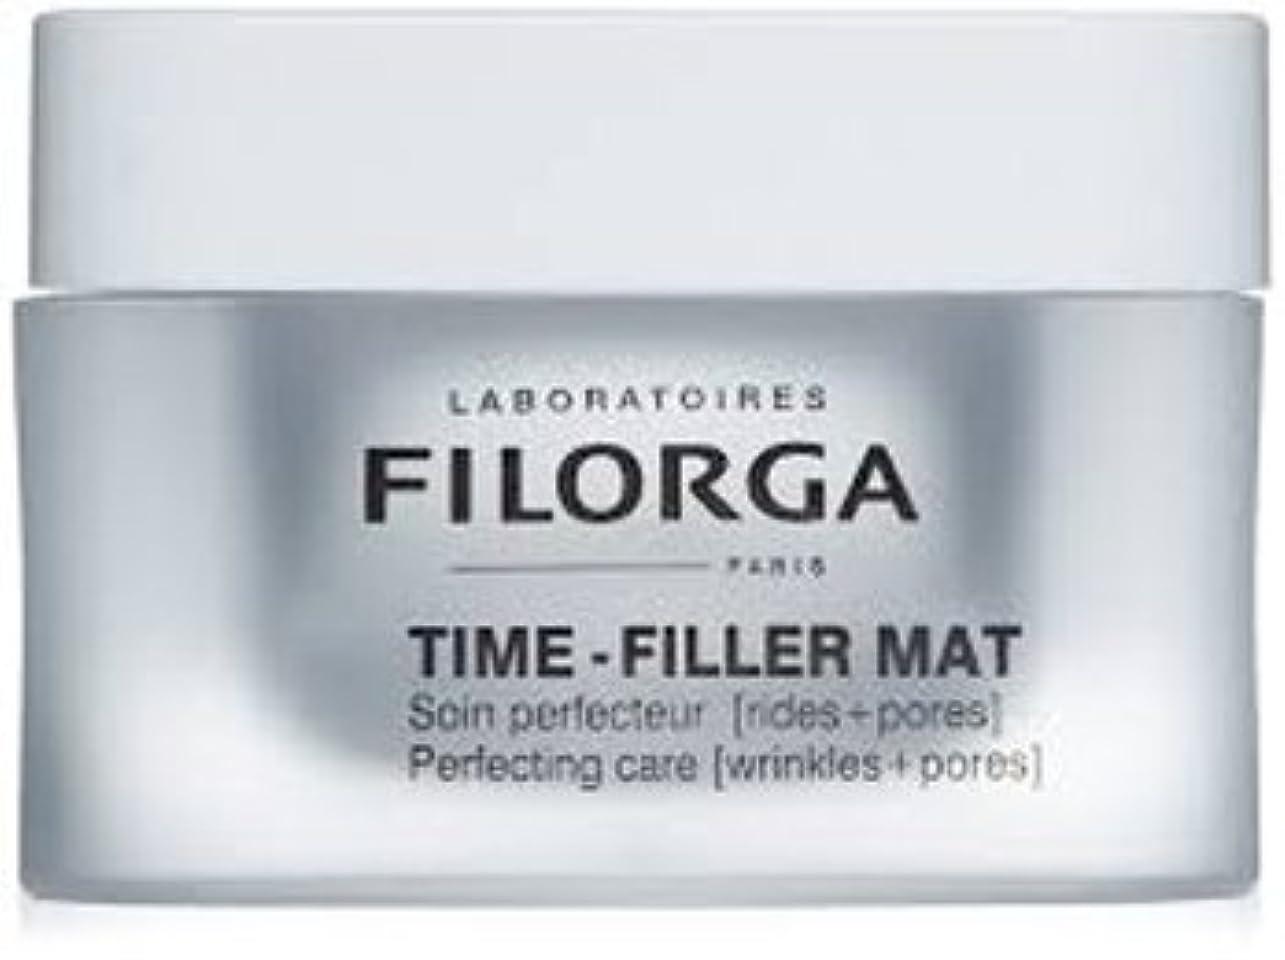 別れる不適当ミント[フィロルガ] タイムフィラーMAT TIME FILLER MAT 50ml [海外直送品][フランス直送品] [並行輸入品]